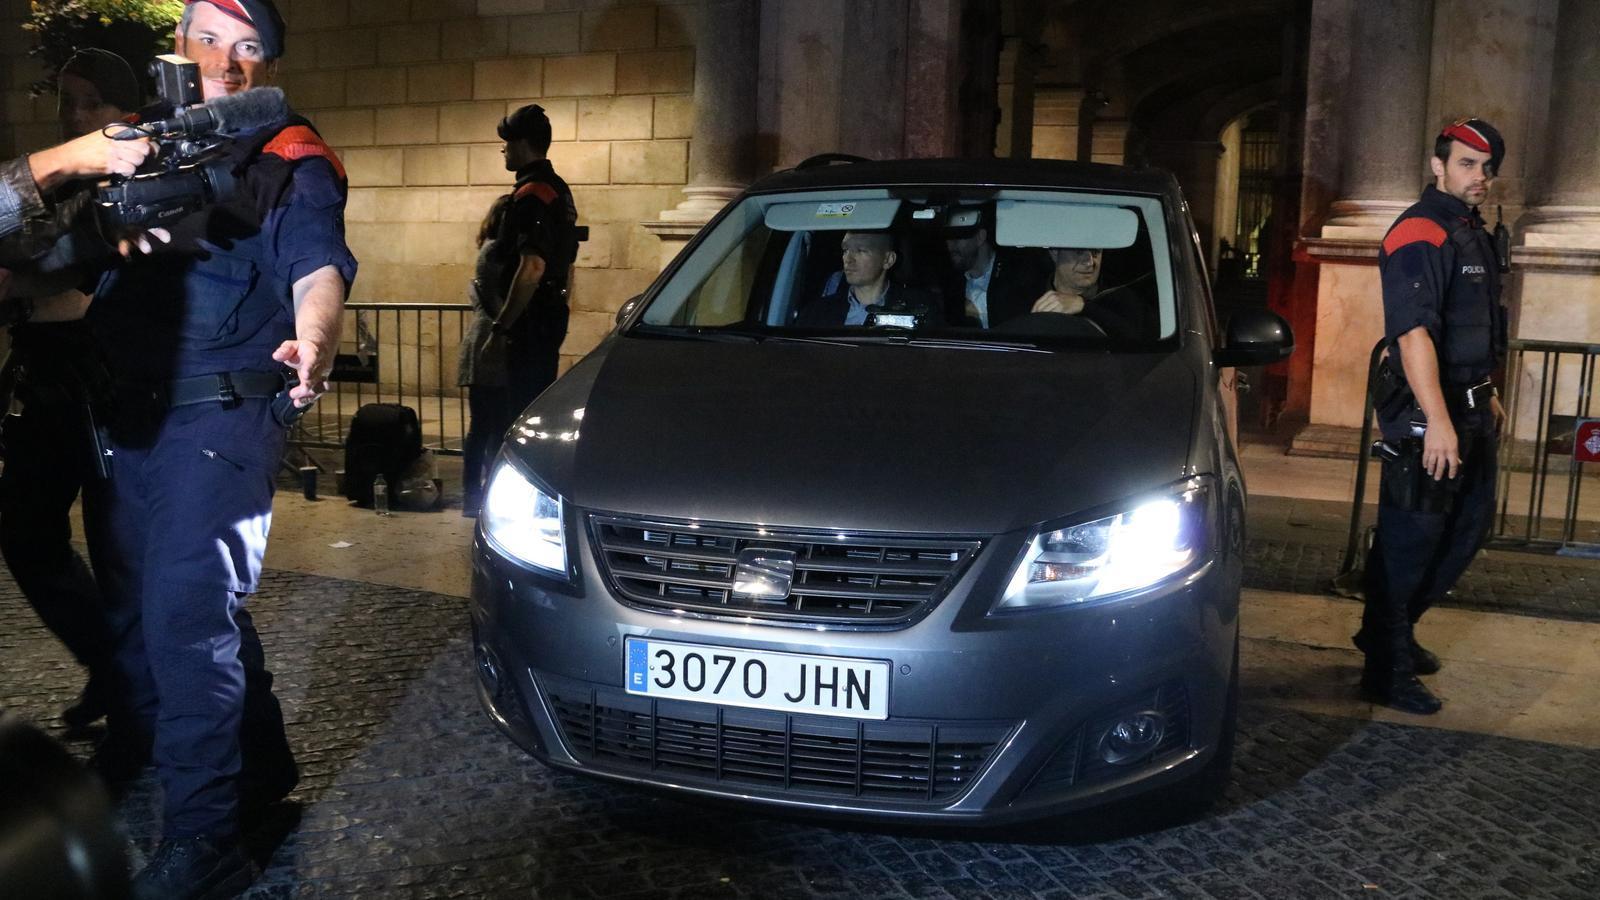 2. Un cotxe surt del Palau de la Generalitat després de la cimera del Govern amb representants de JxSí i de les entitats sobiranistes, que es va allargar fins la matinada de dimecres. (Dimecres 25).